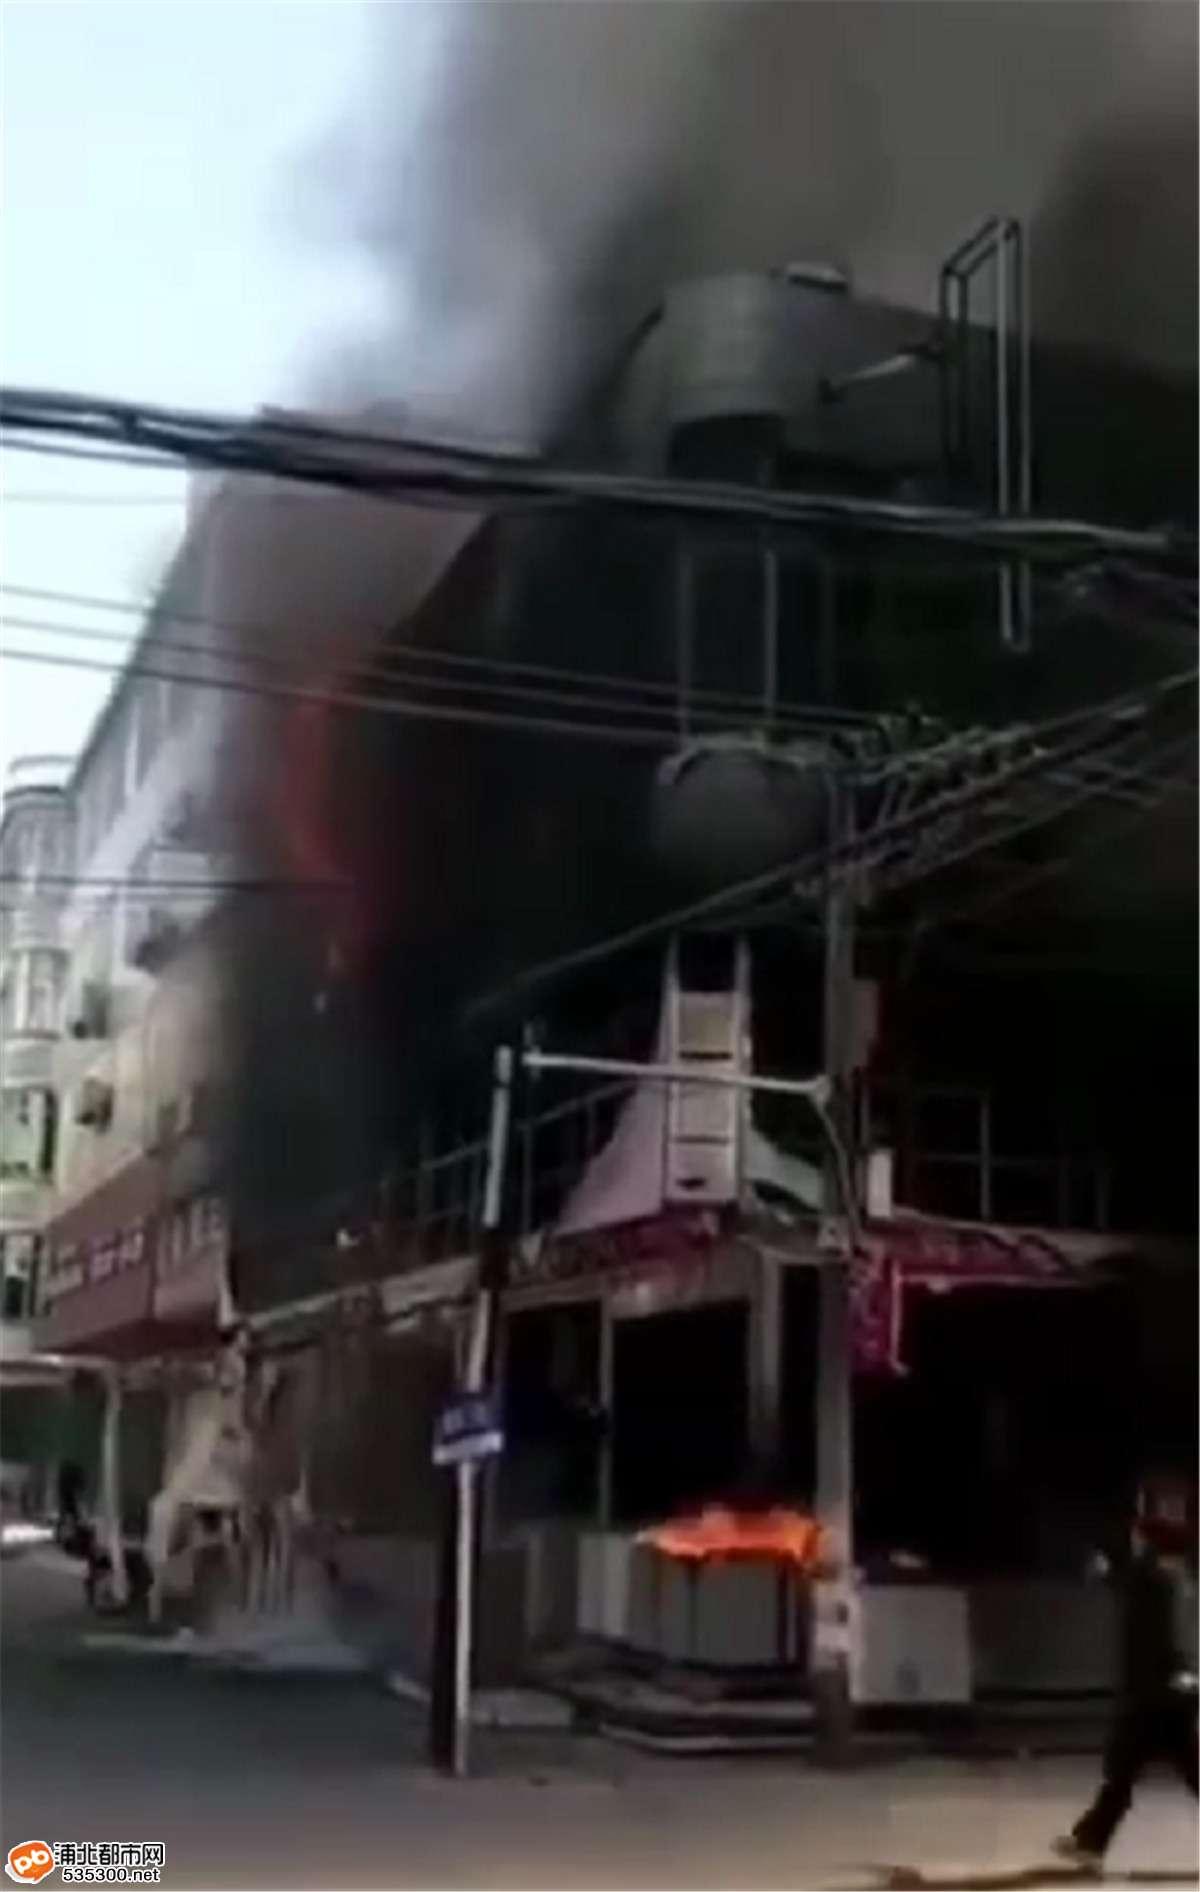 张黄城南市场突发大火,浓烟冲天,火灾原因竟是.....